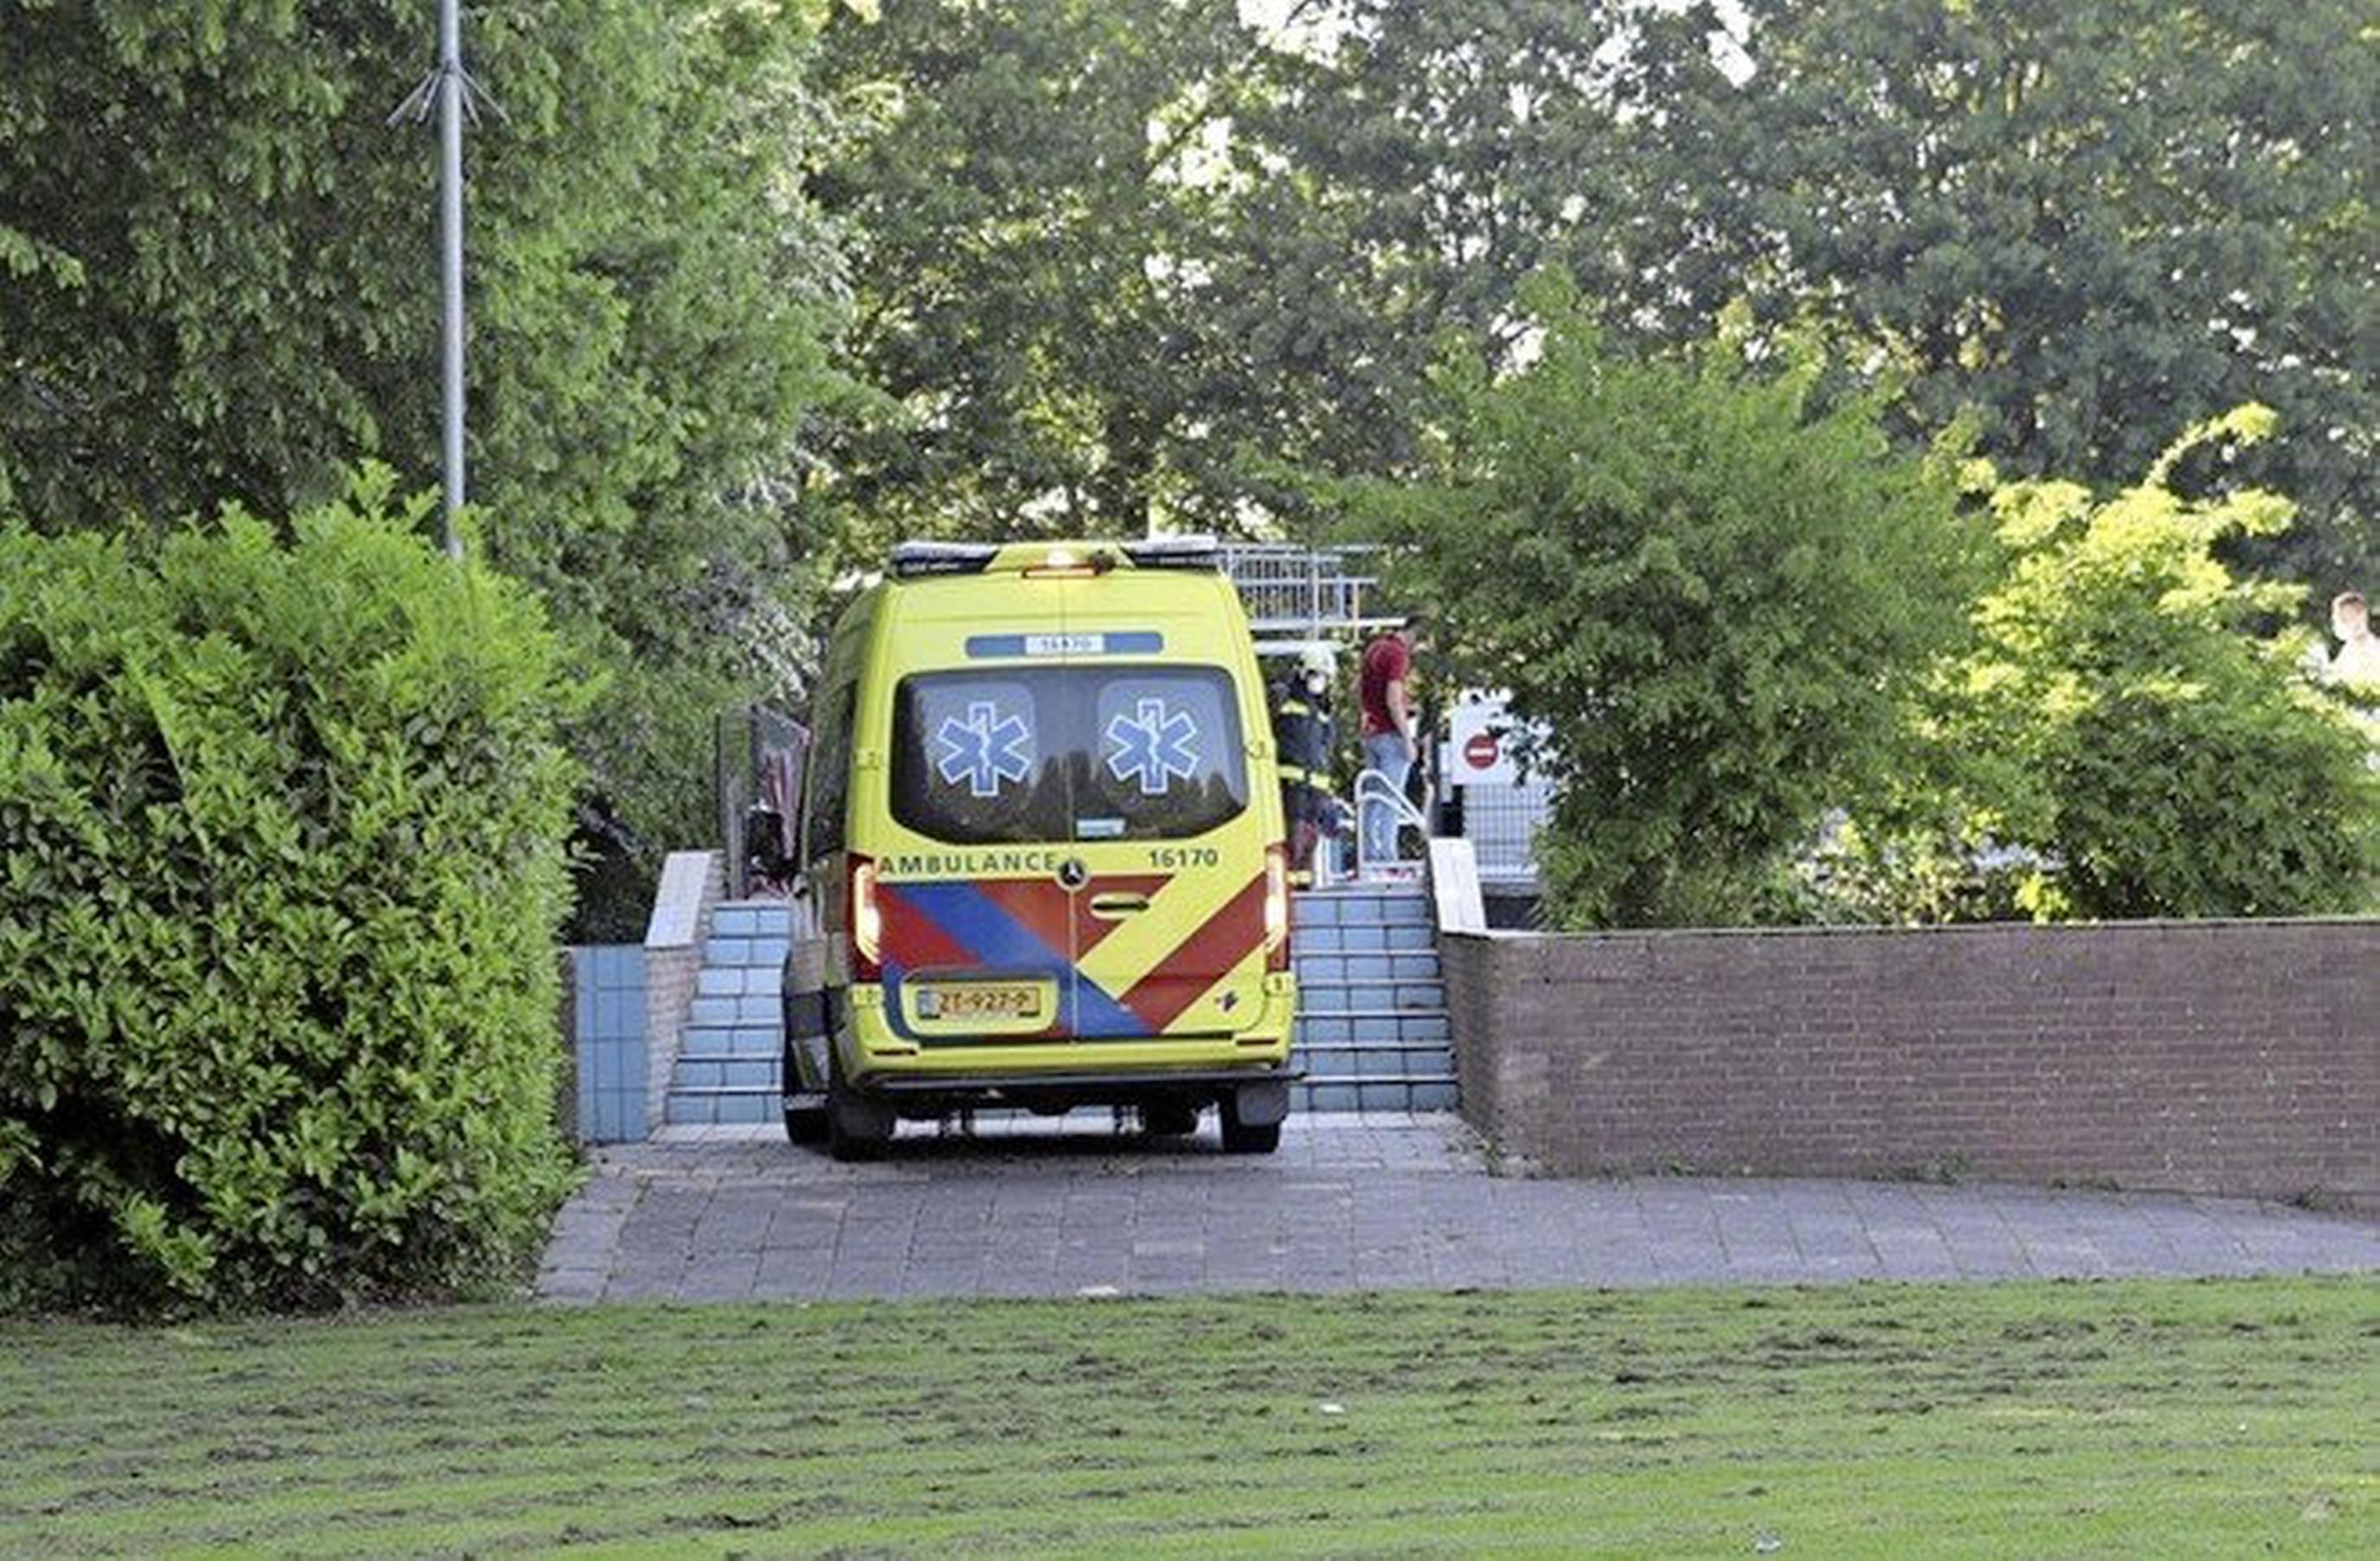 Zwembad De Vosse in Hillegom bekijkt of railing kan worden verwijderd; 12-jarig meisje raakte bekneld tussen stang en tegelwand